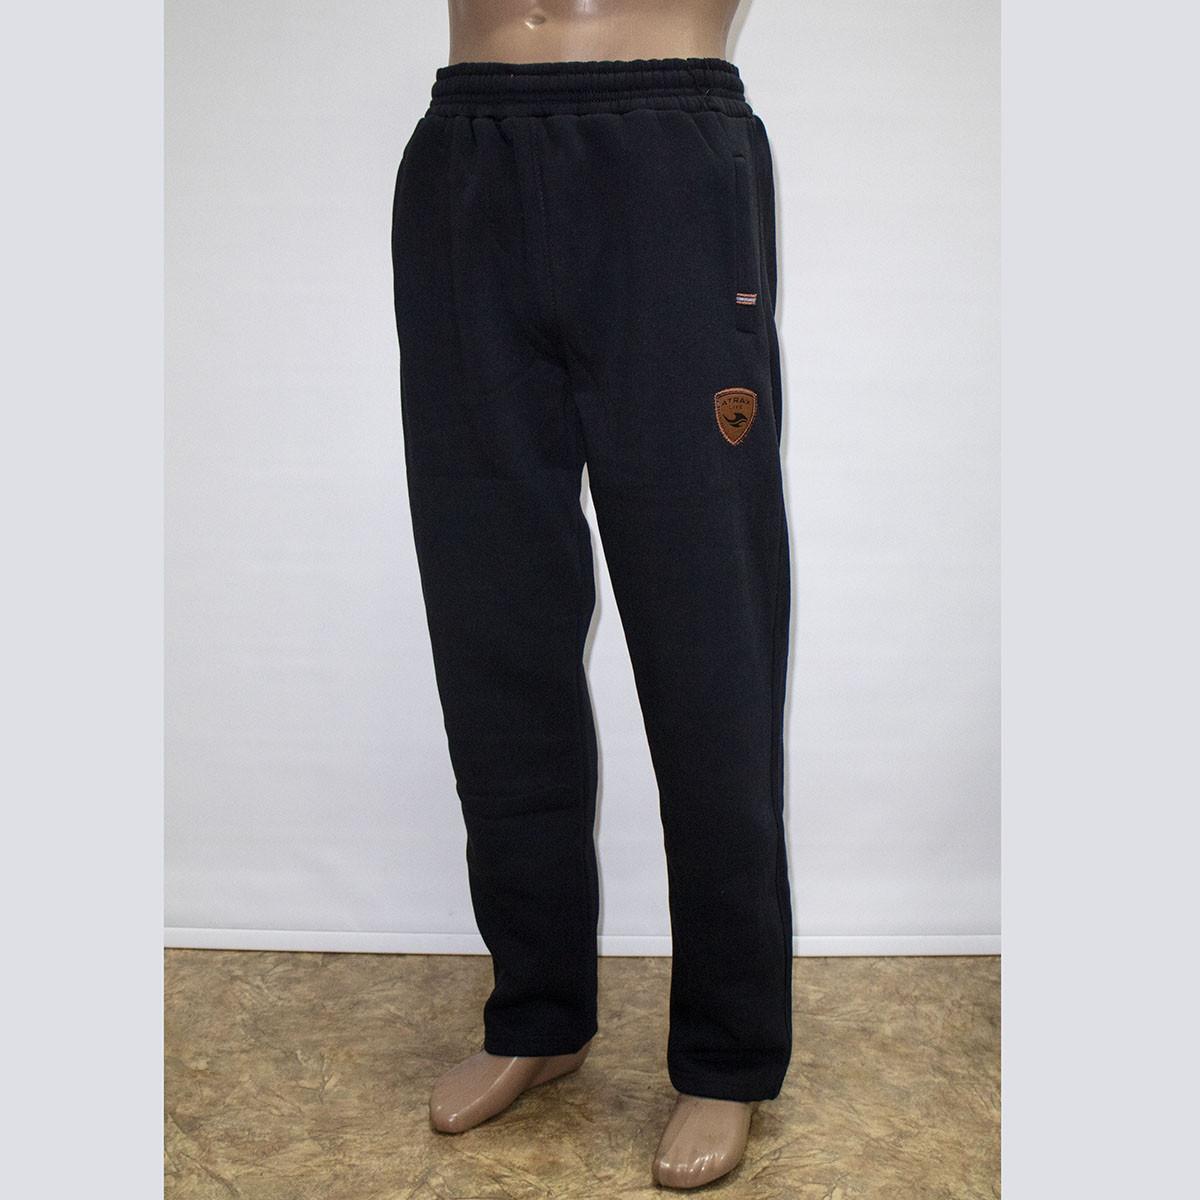 Мужские теплые спортивные штаны трехнитка пр-во Турция 1303